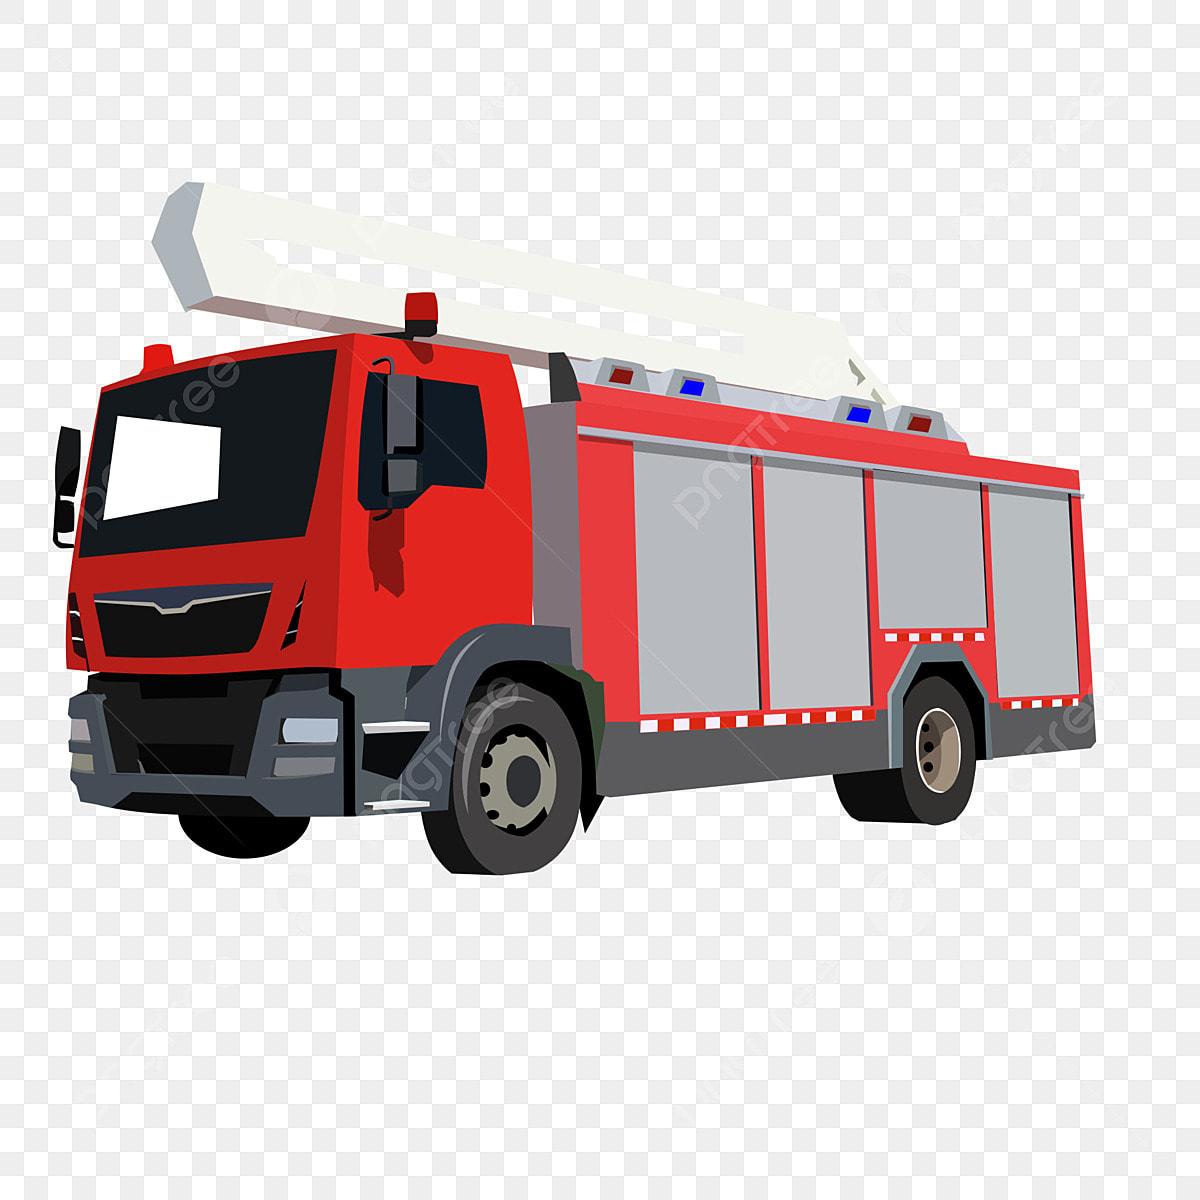 Firefighter Boys Clipart. Cute fireman fire truck hose fire   Etsy    Firefighter clipart, Fireman, Firefighter